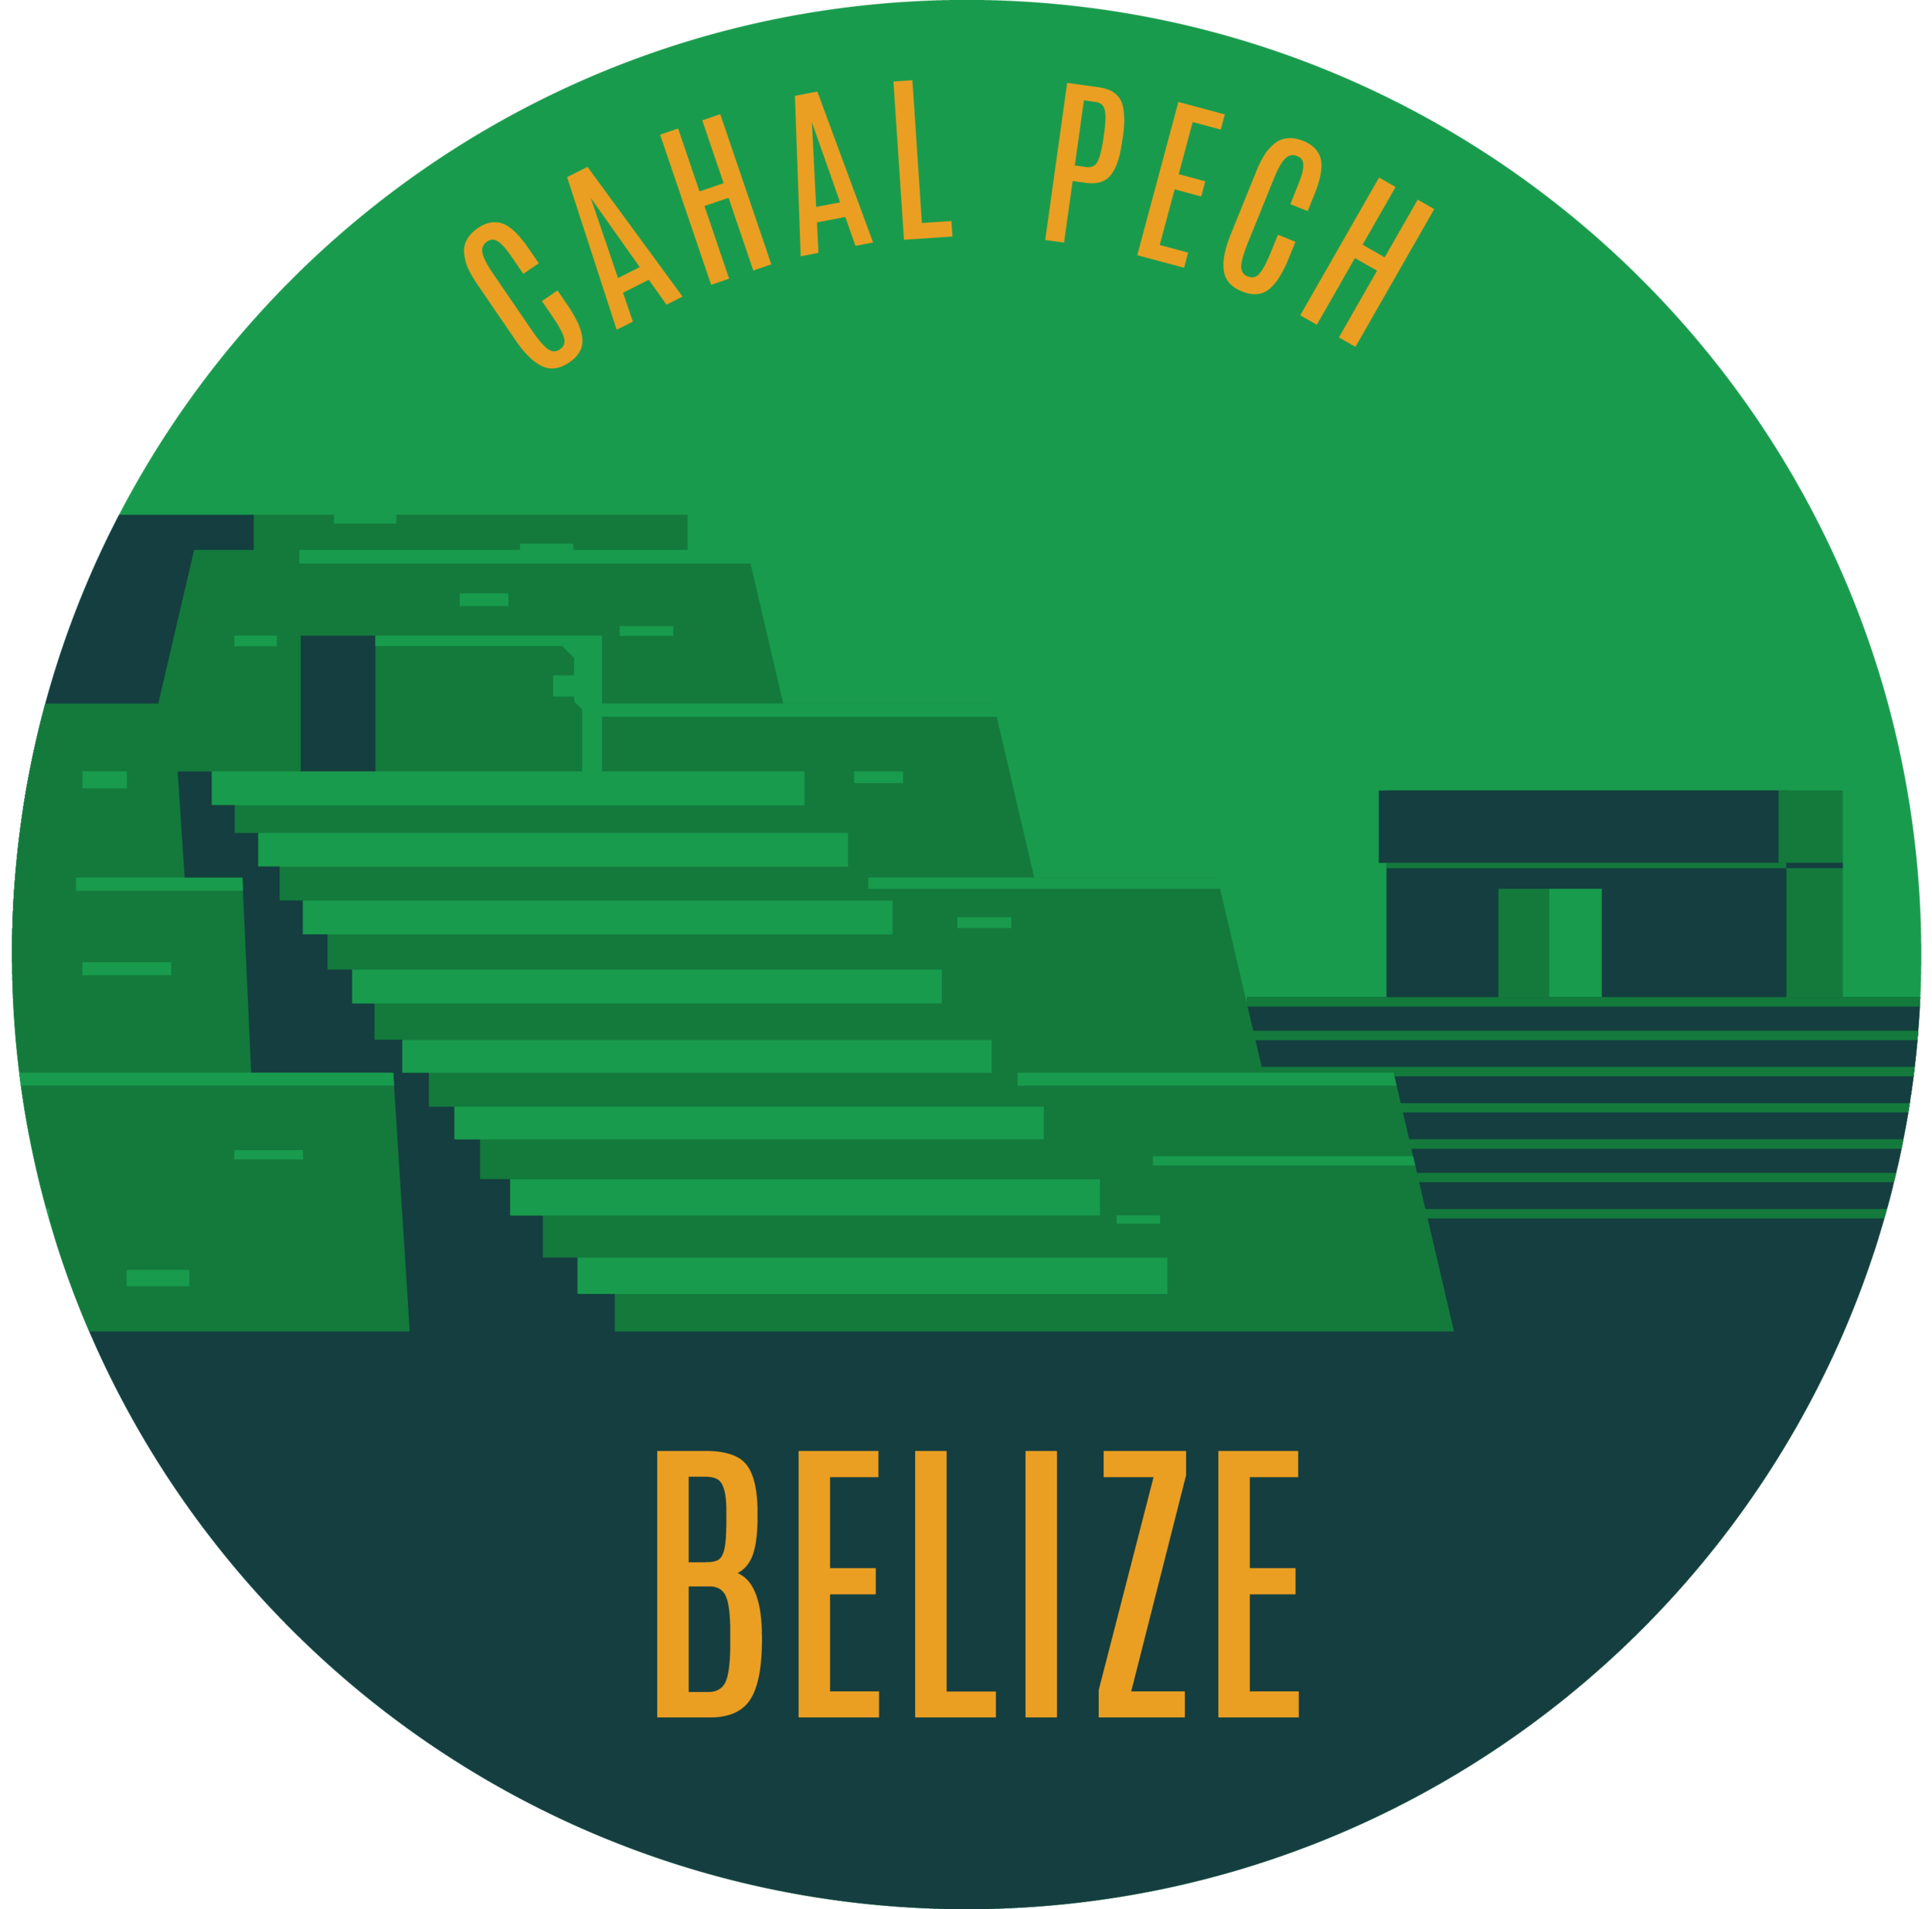 BelizeLogo.png